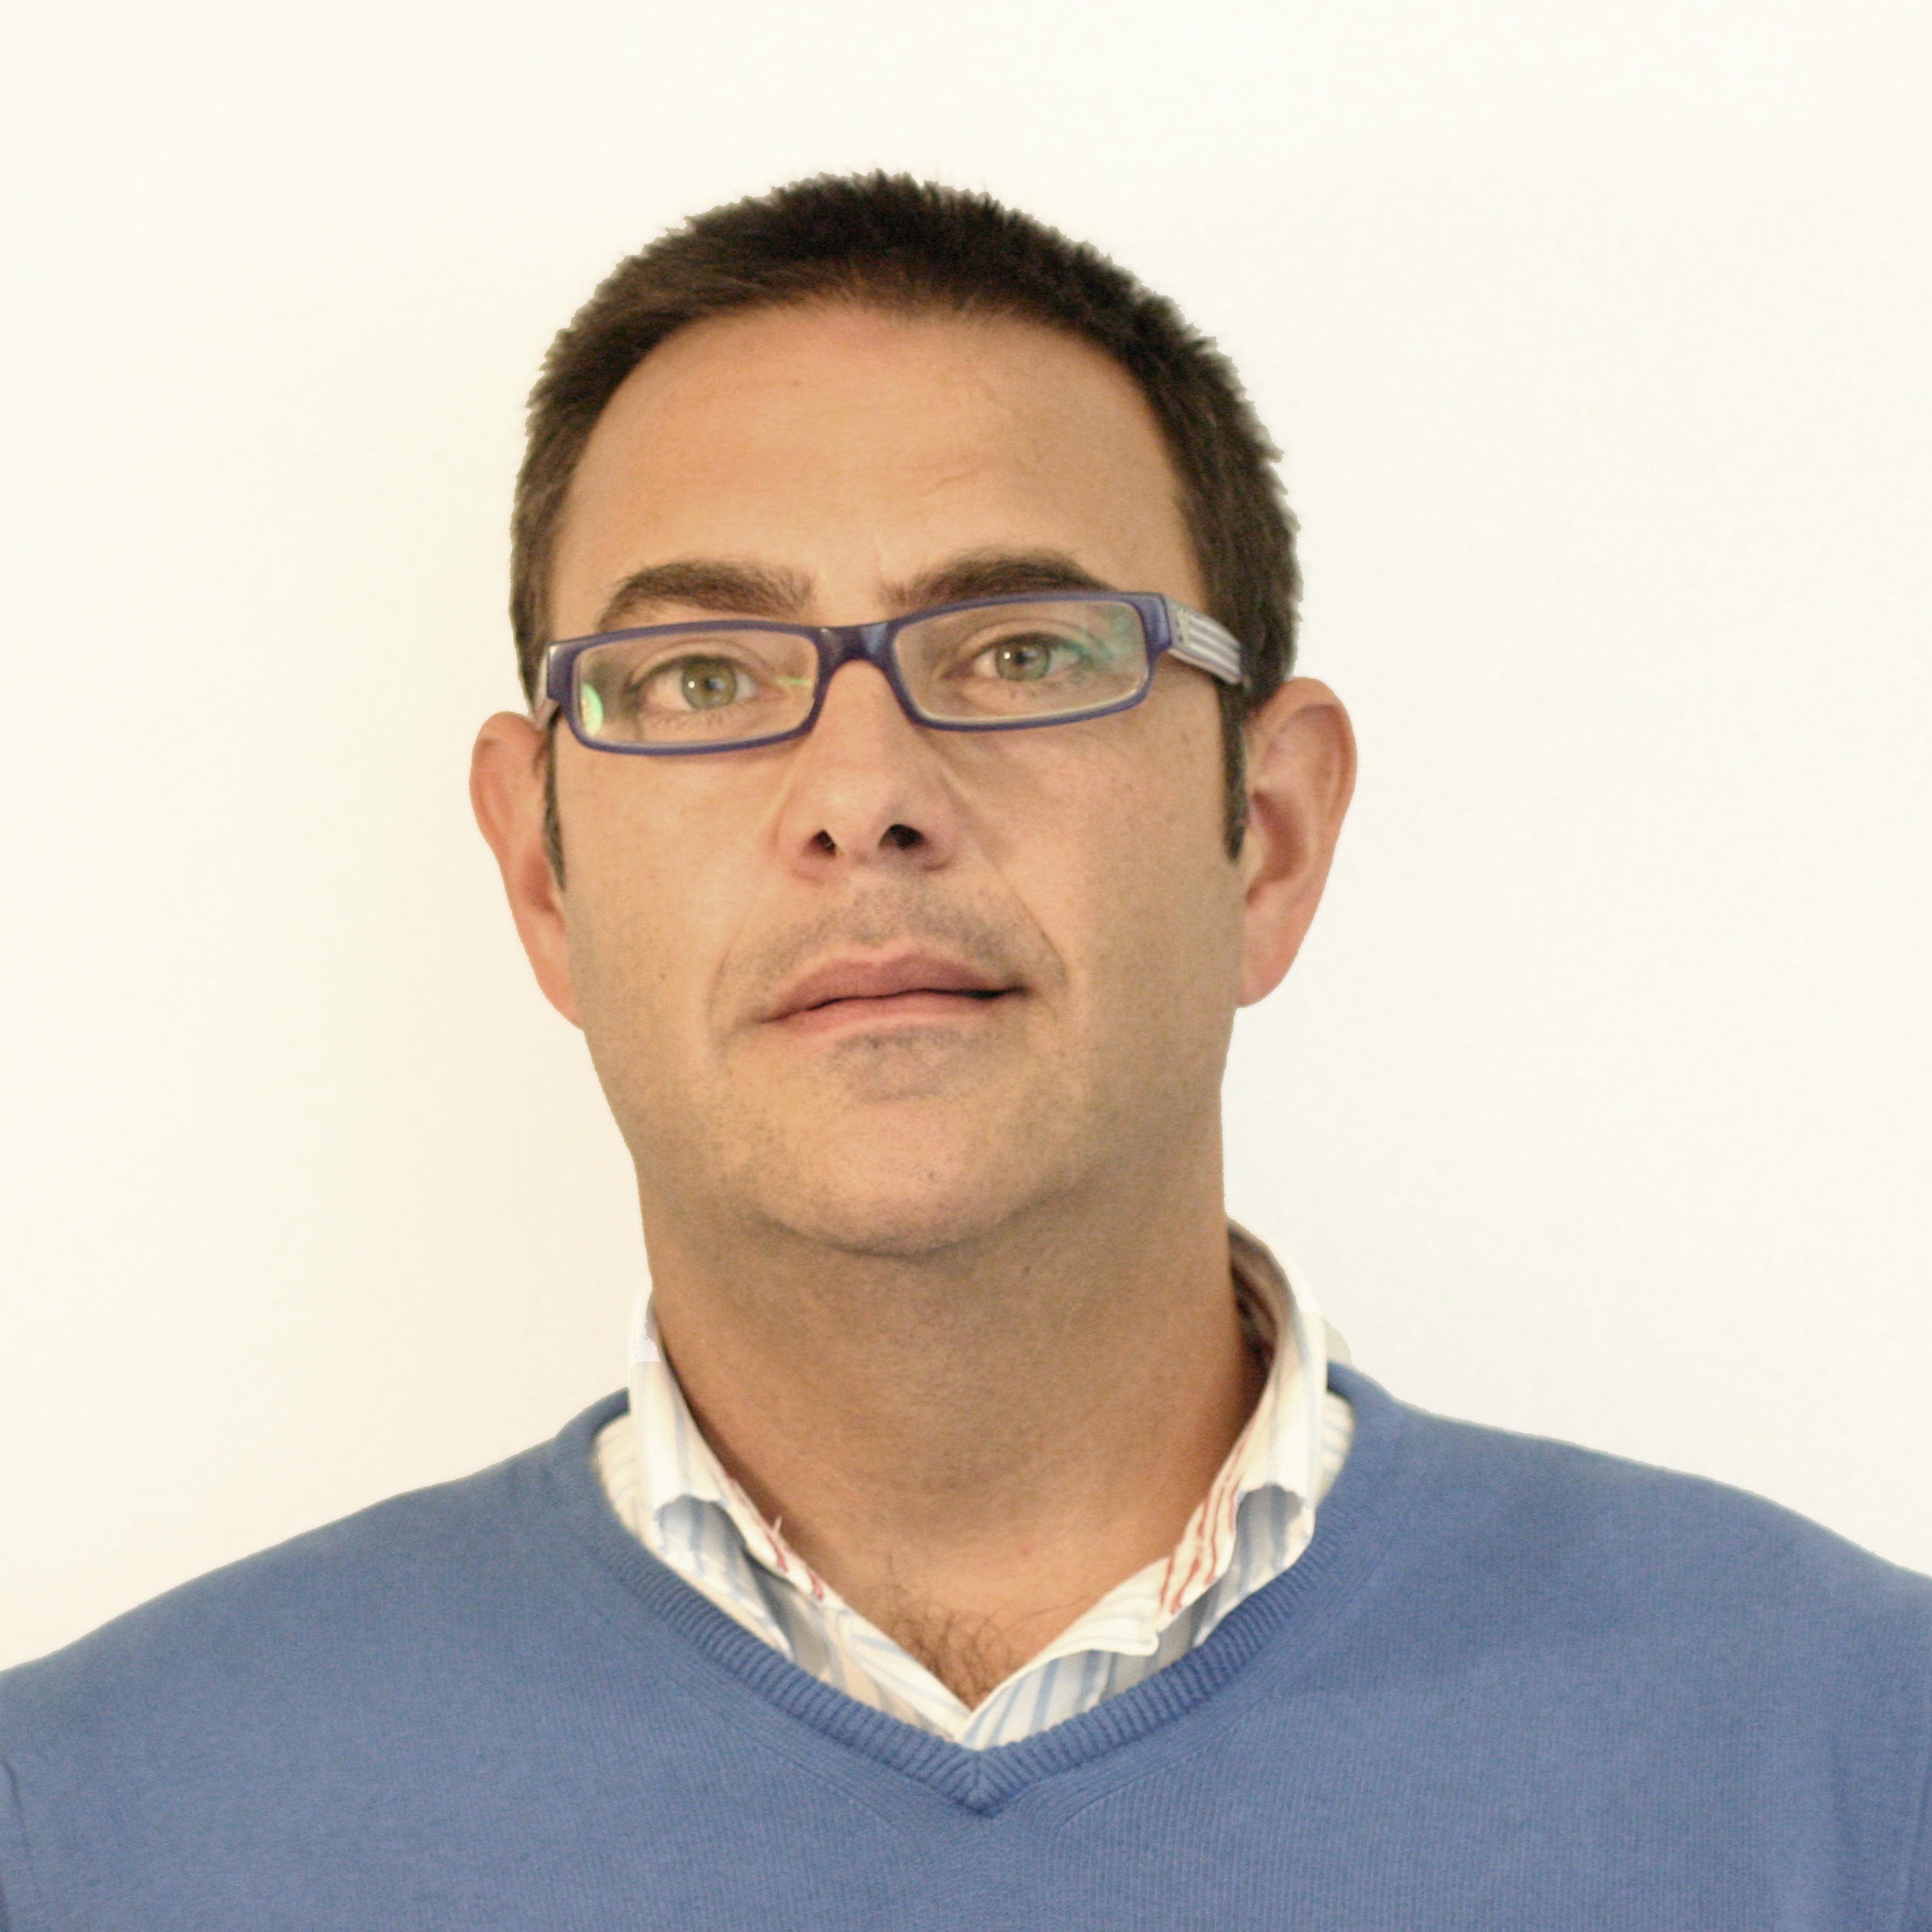 Dr. Mariano Rigabert Montiel